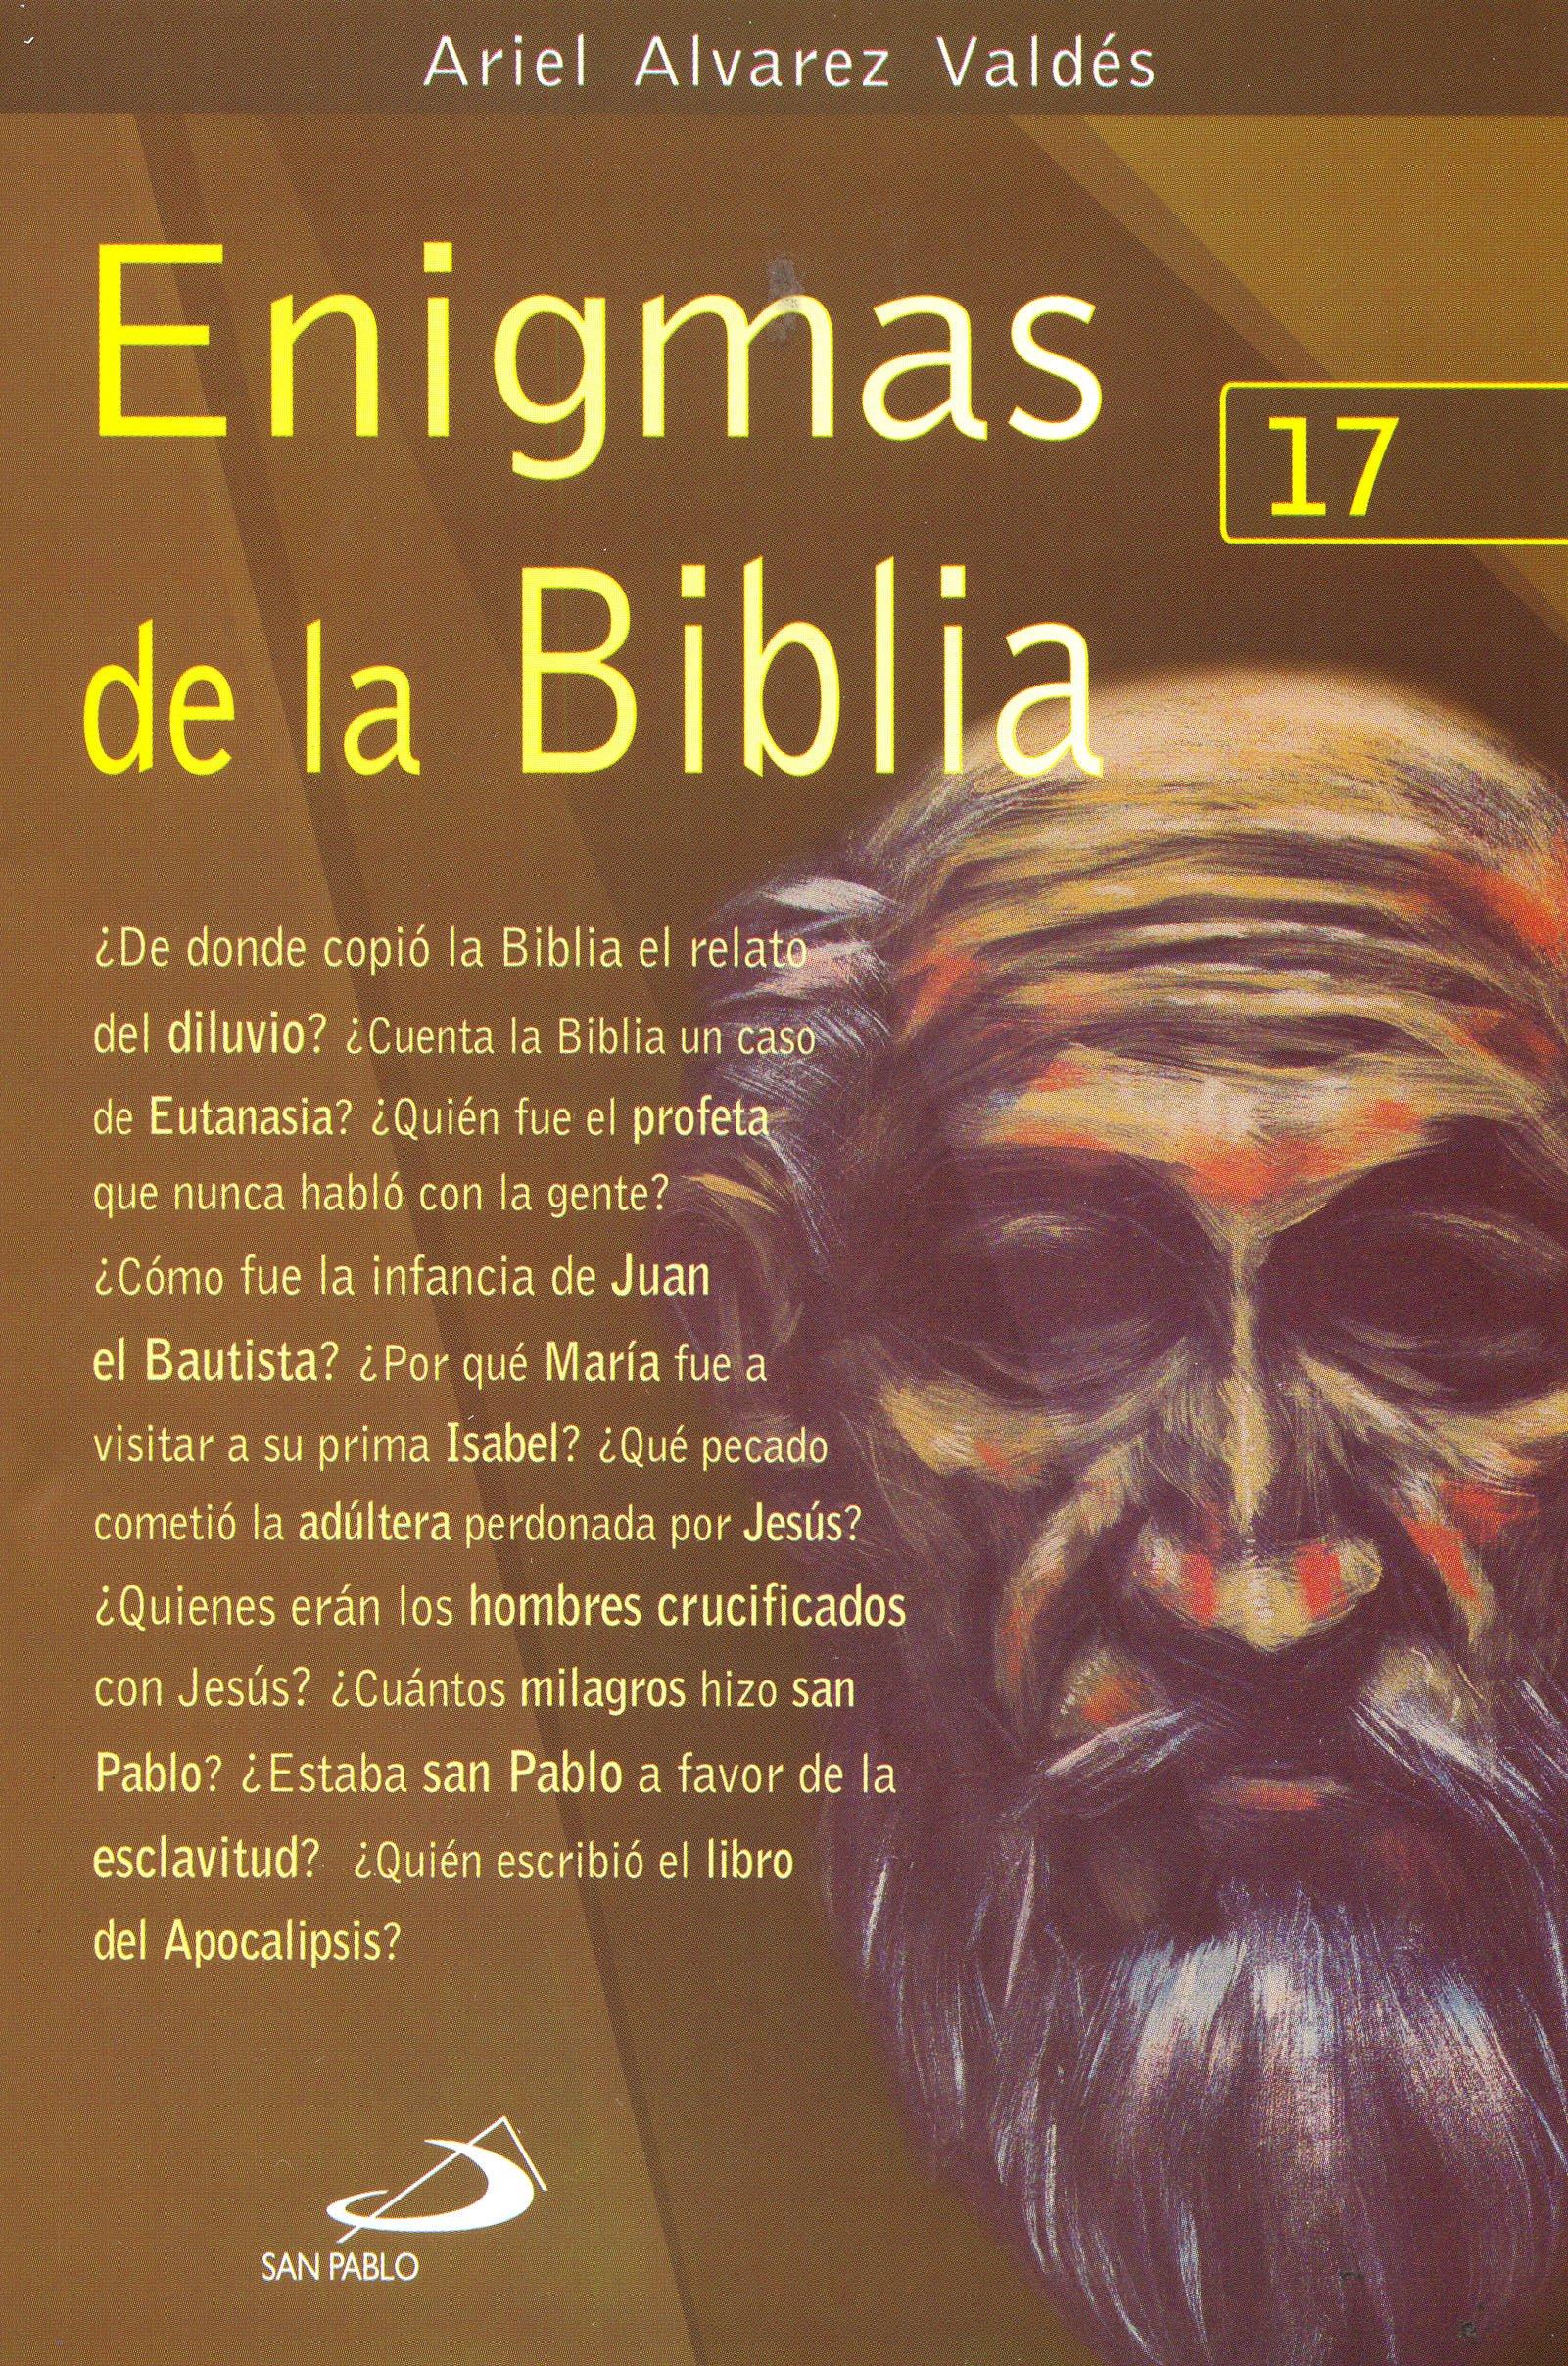 Nuevo libro del biblista Ariel Álvarez Valdés